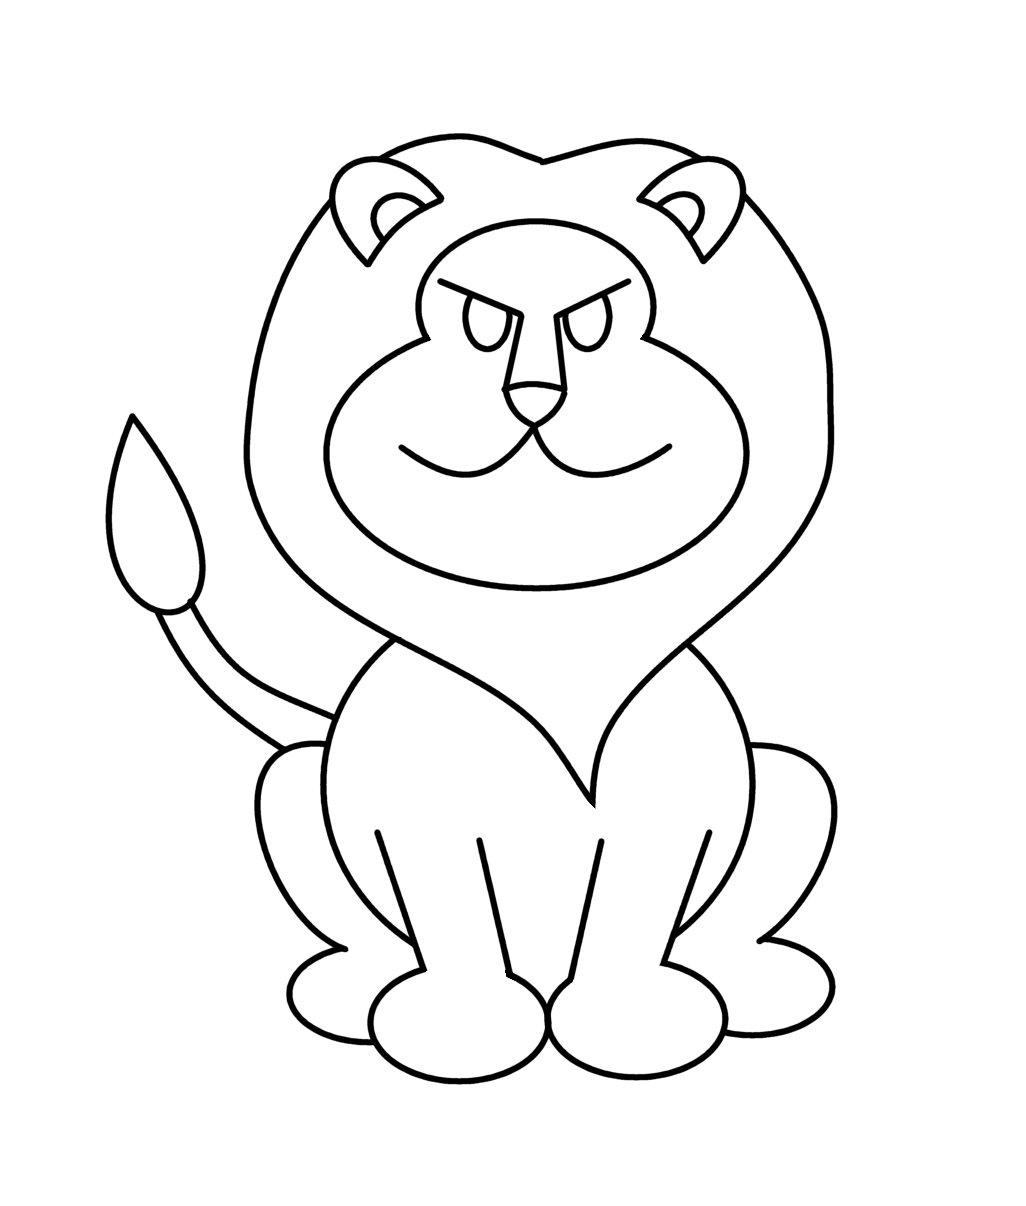 1026x1206 How To Draw Cartoons Lion